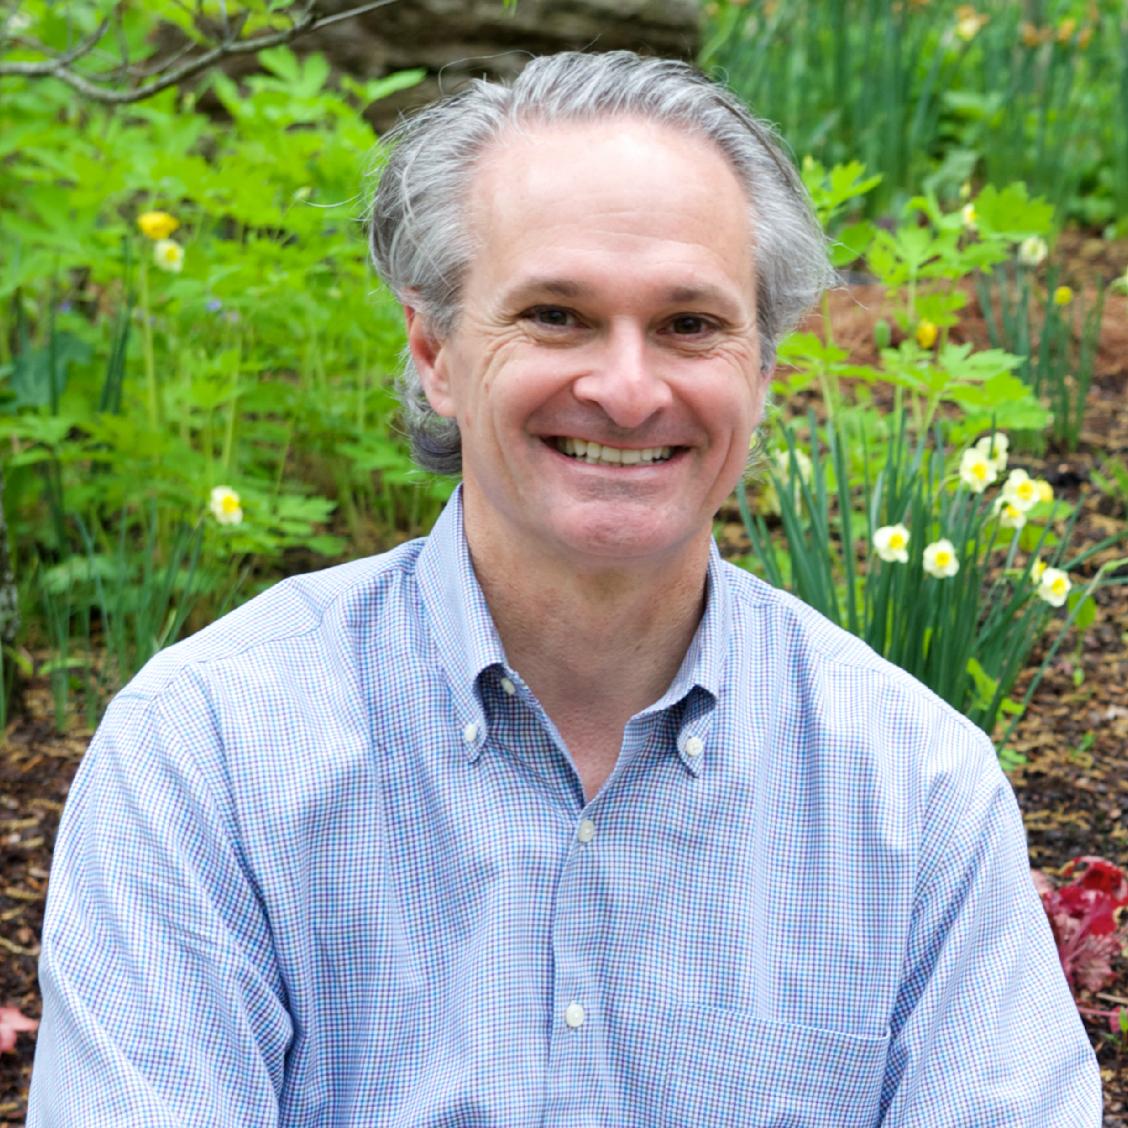 Gavin Duke